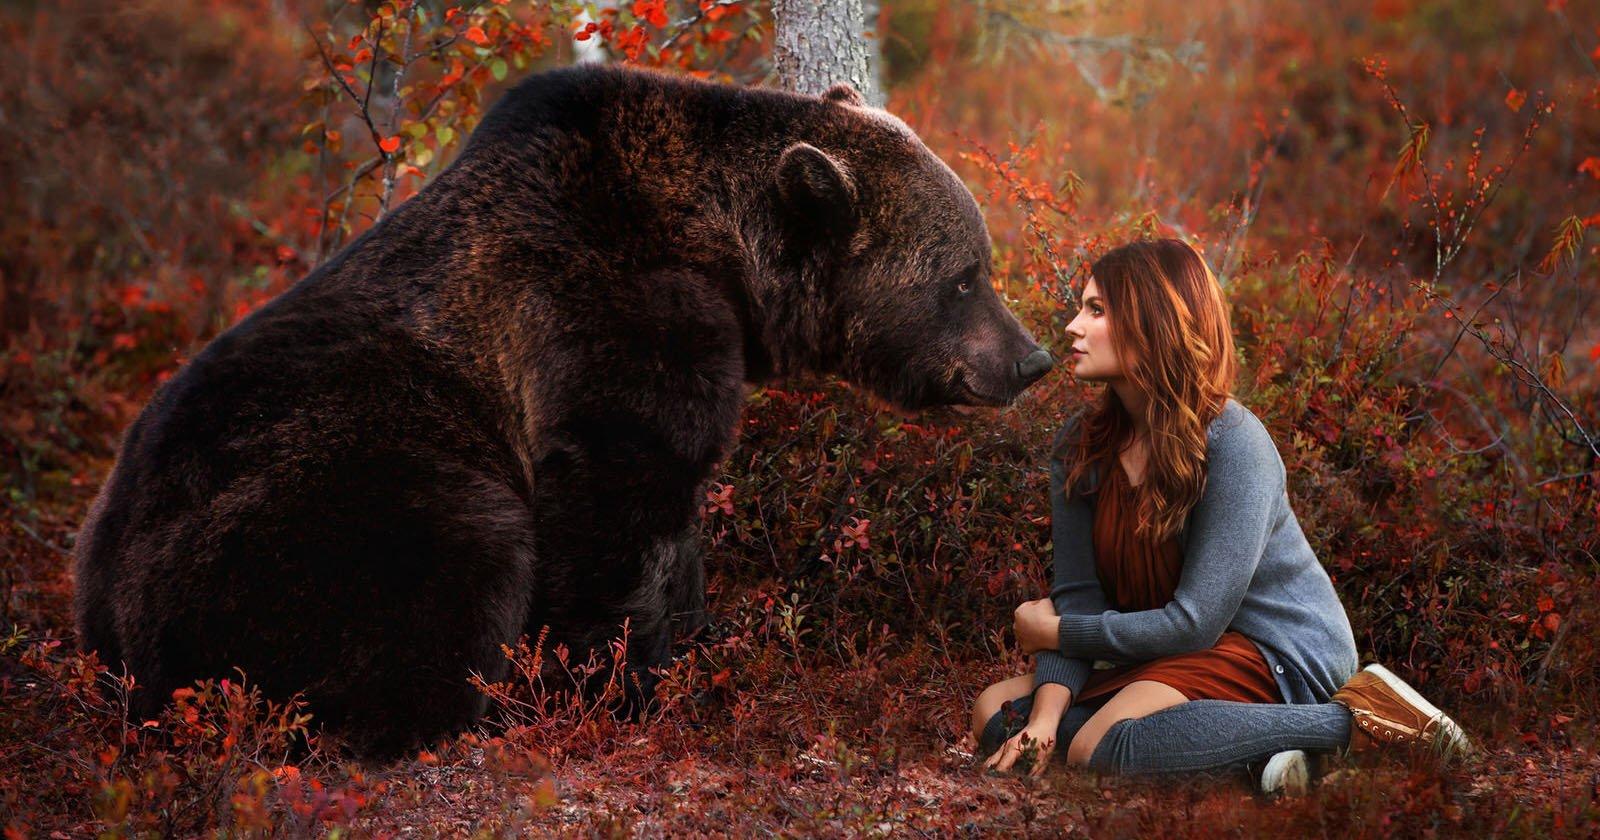 How I Created a Magical Bear Photo